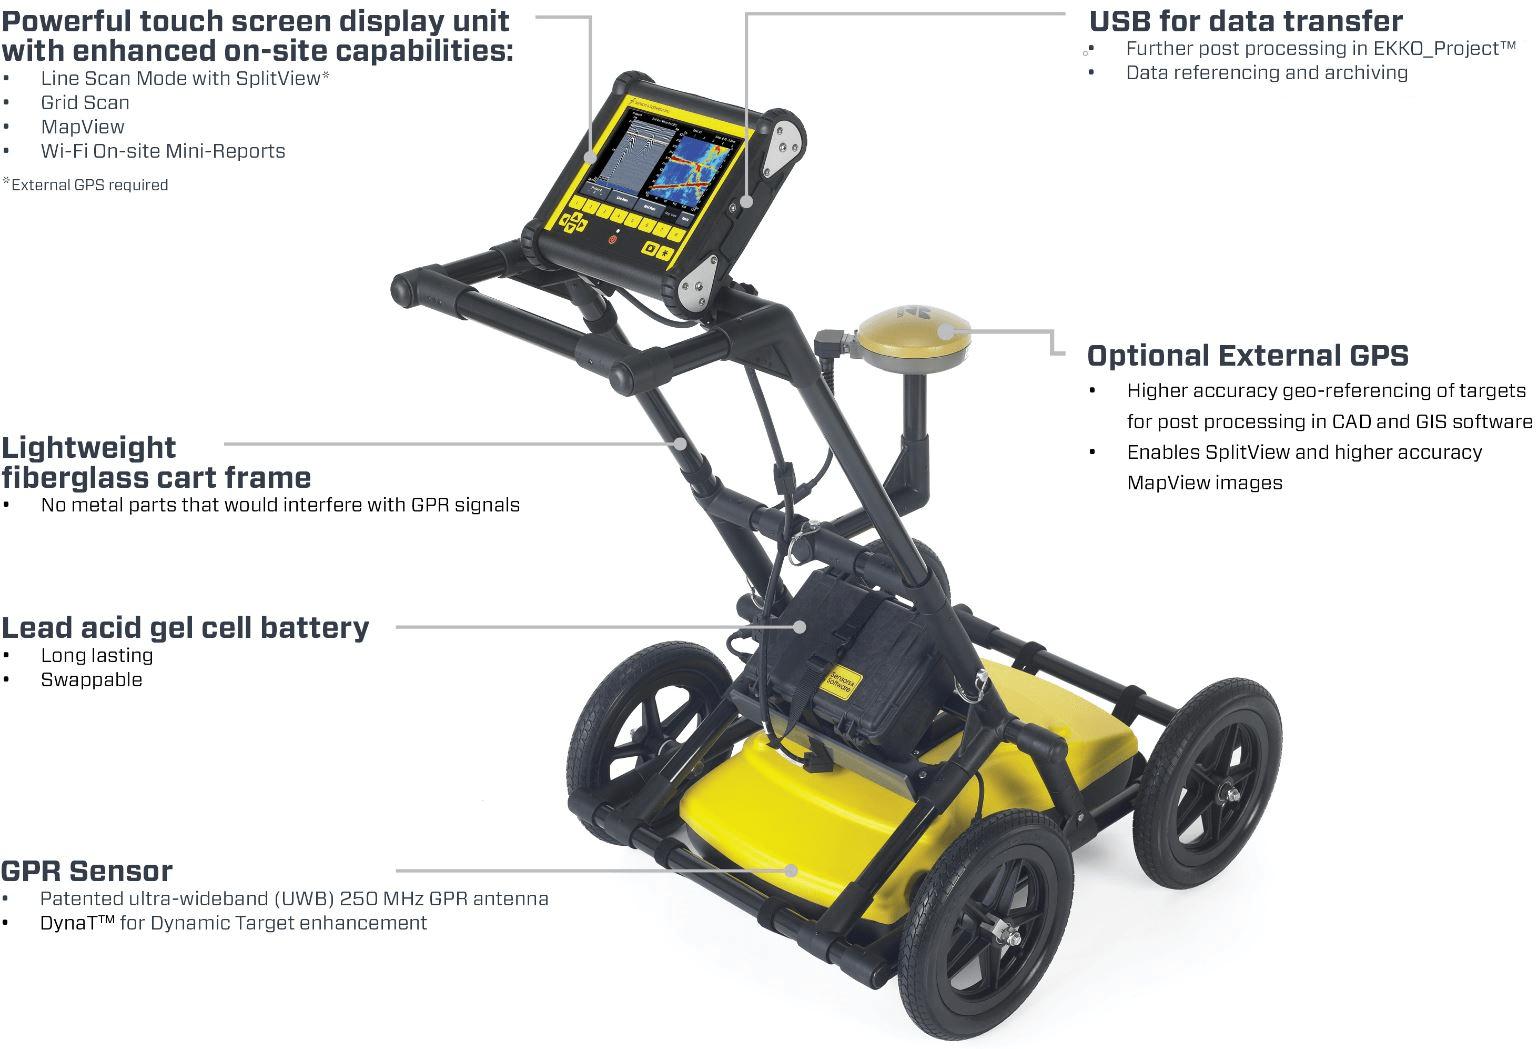 LMX200 gpr features